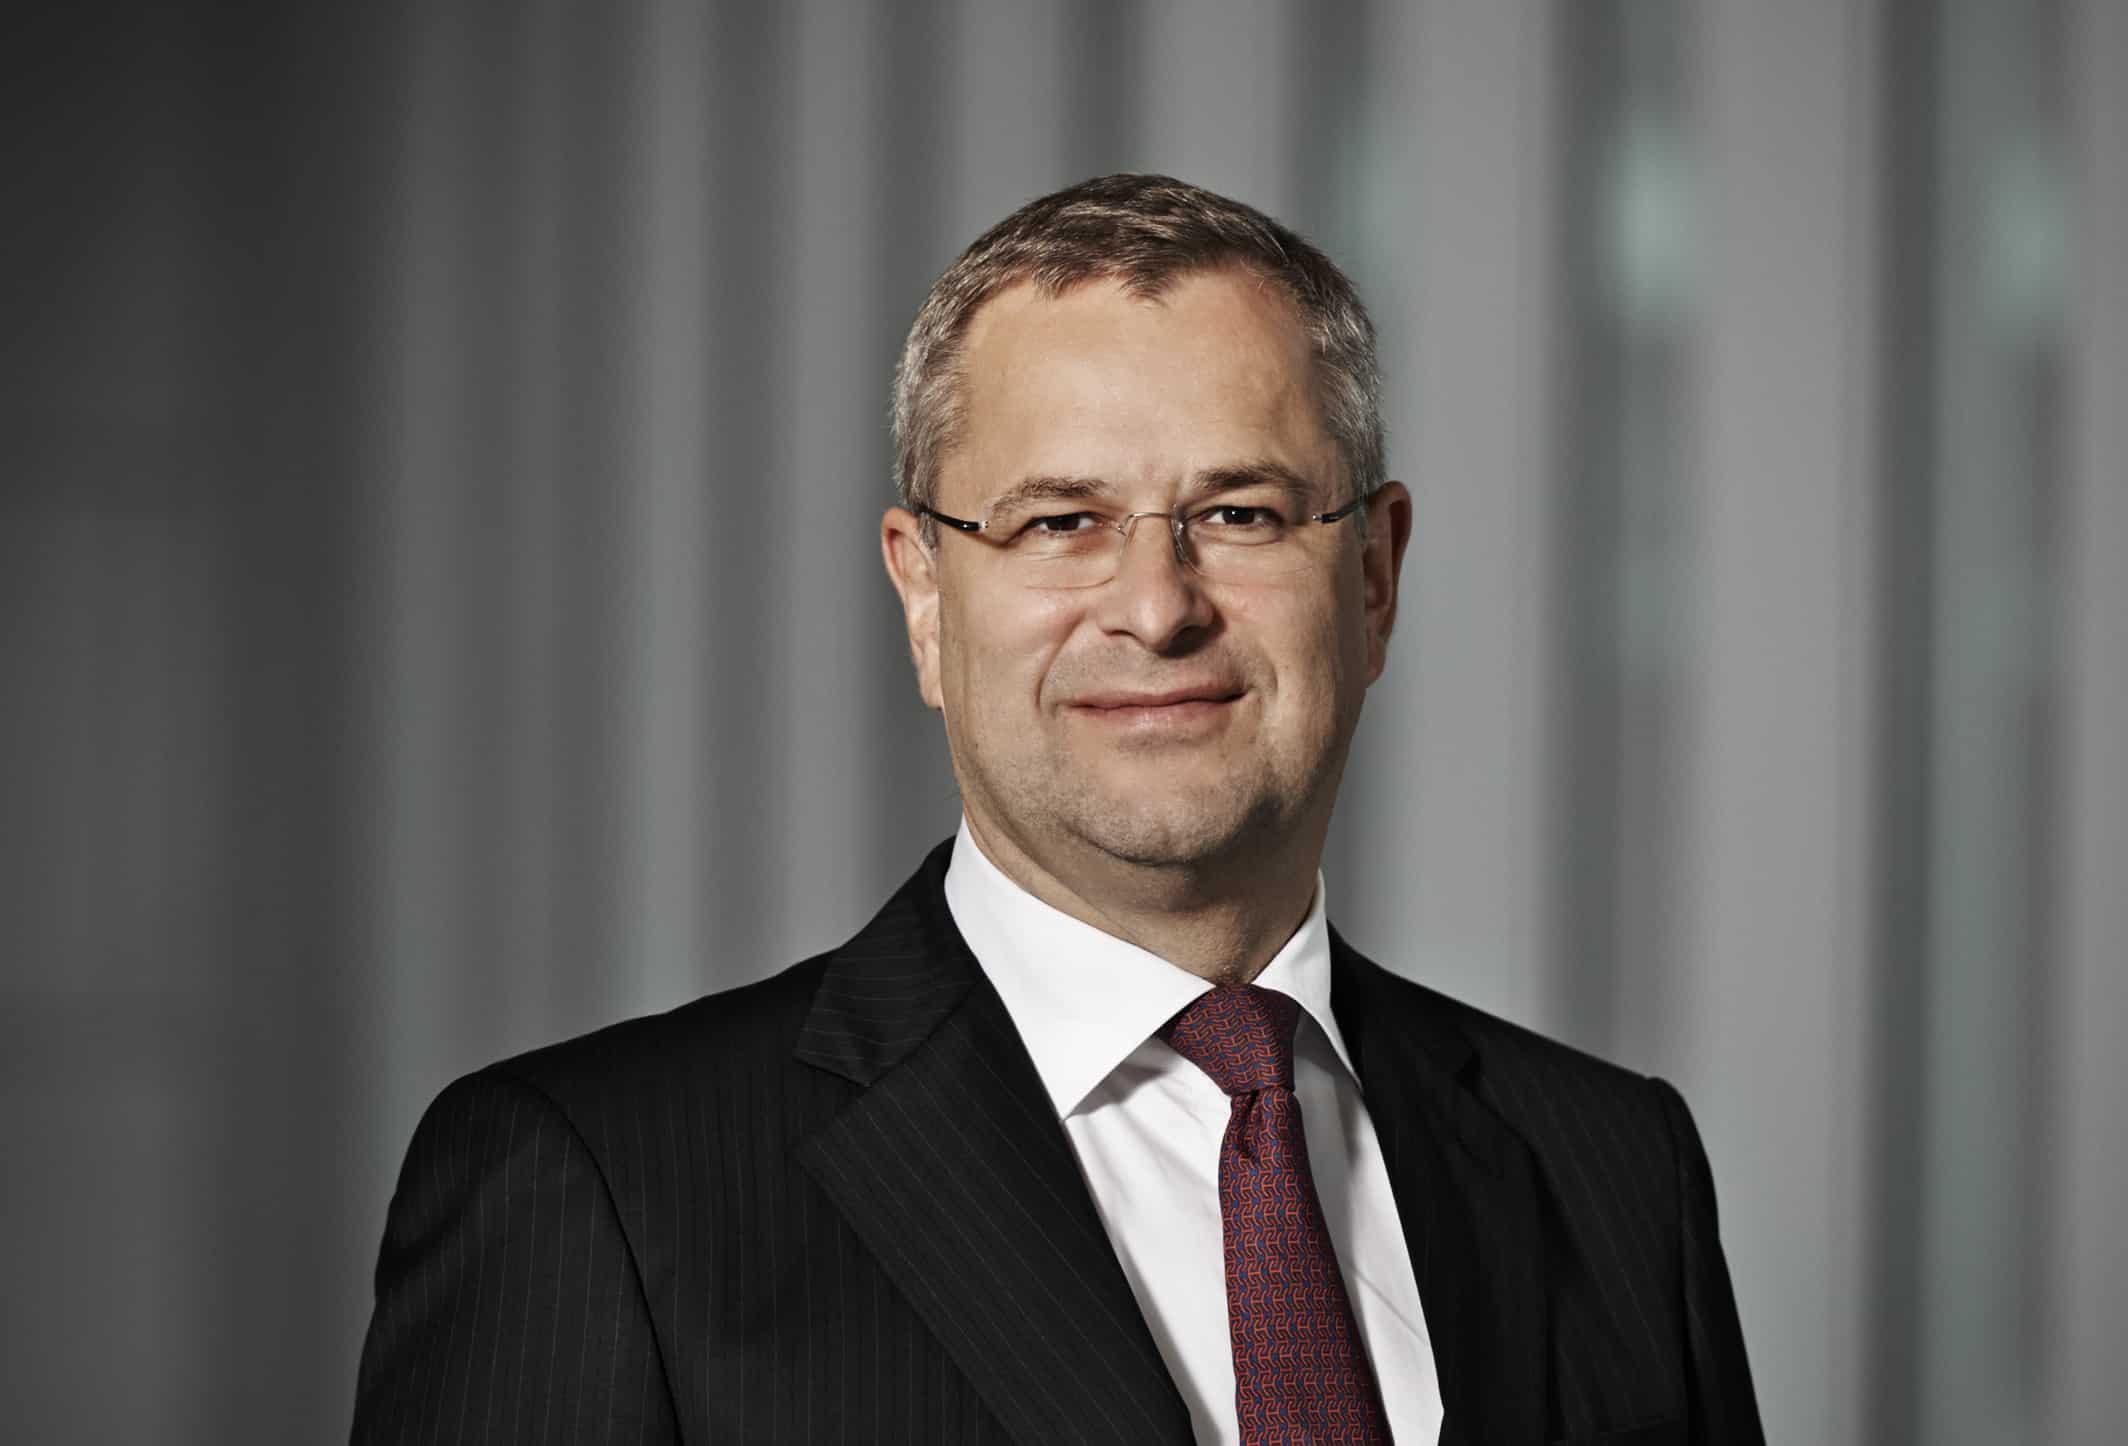 Maersk focuses on profitability as revenue slips